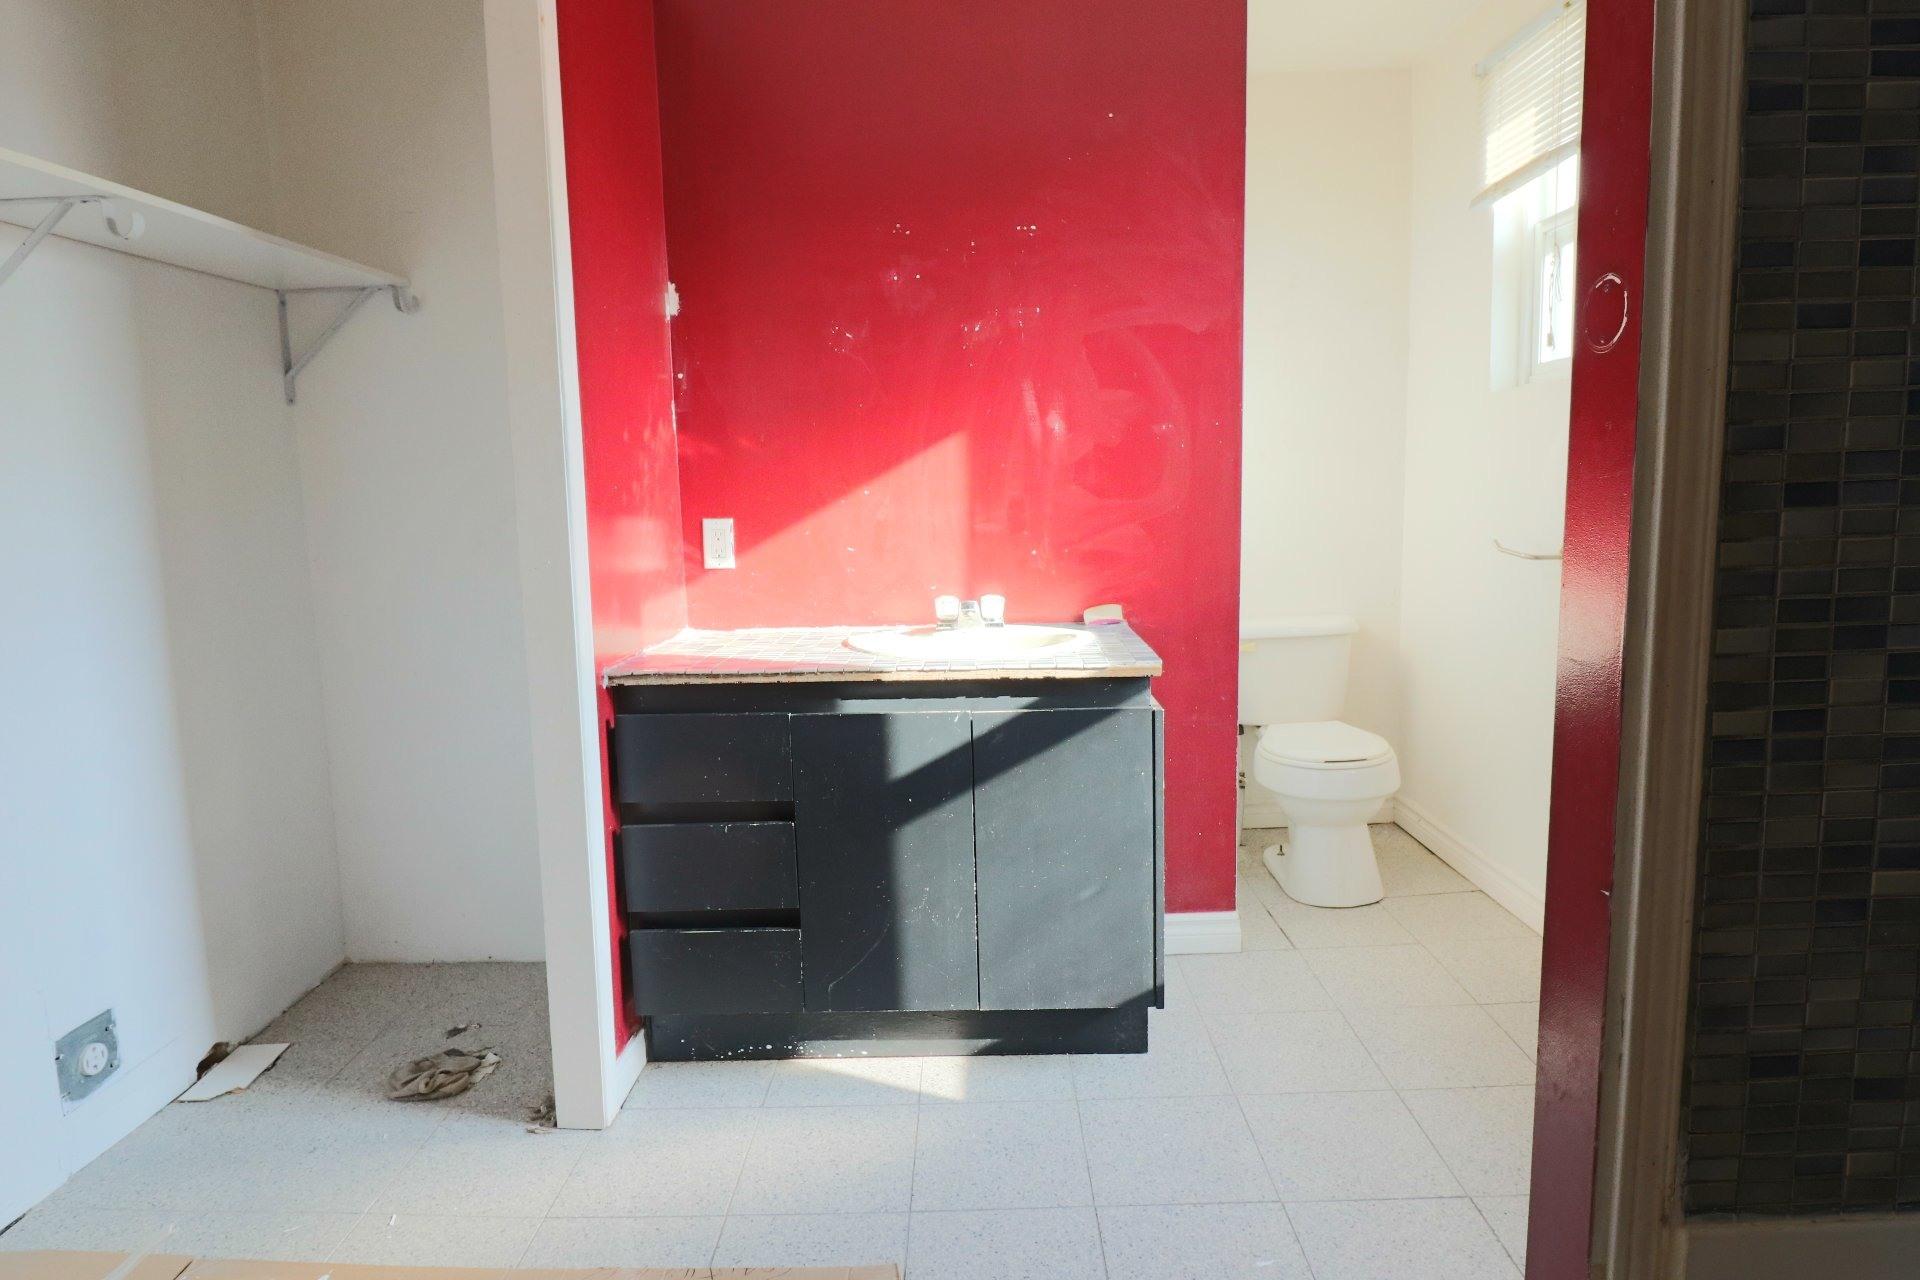 image 15 - Duplex For sale Trois-Rivières - 5 rooms